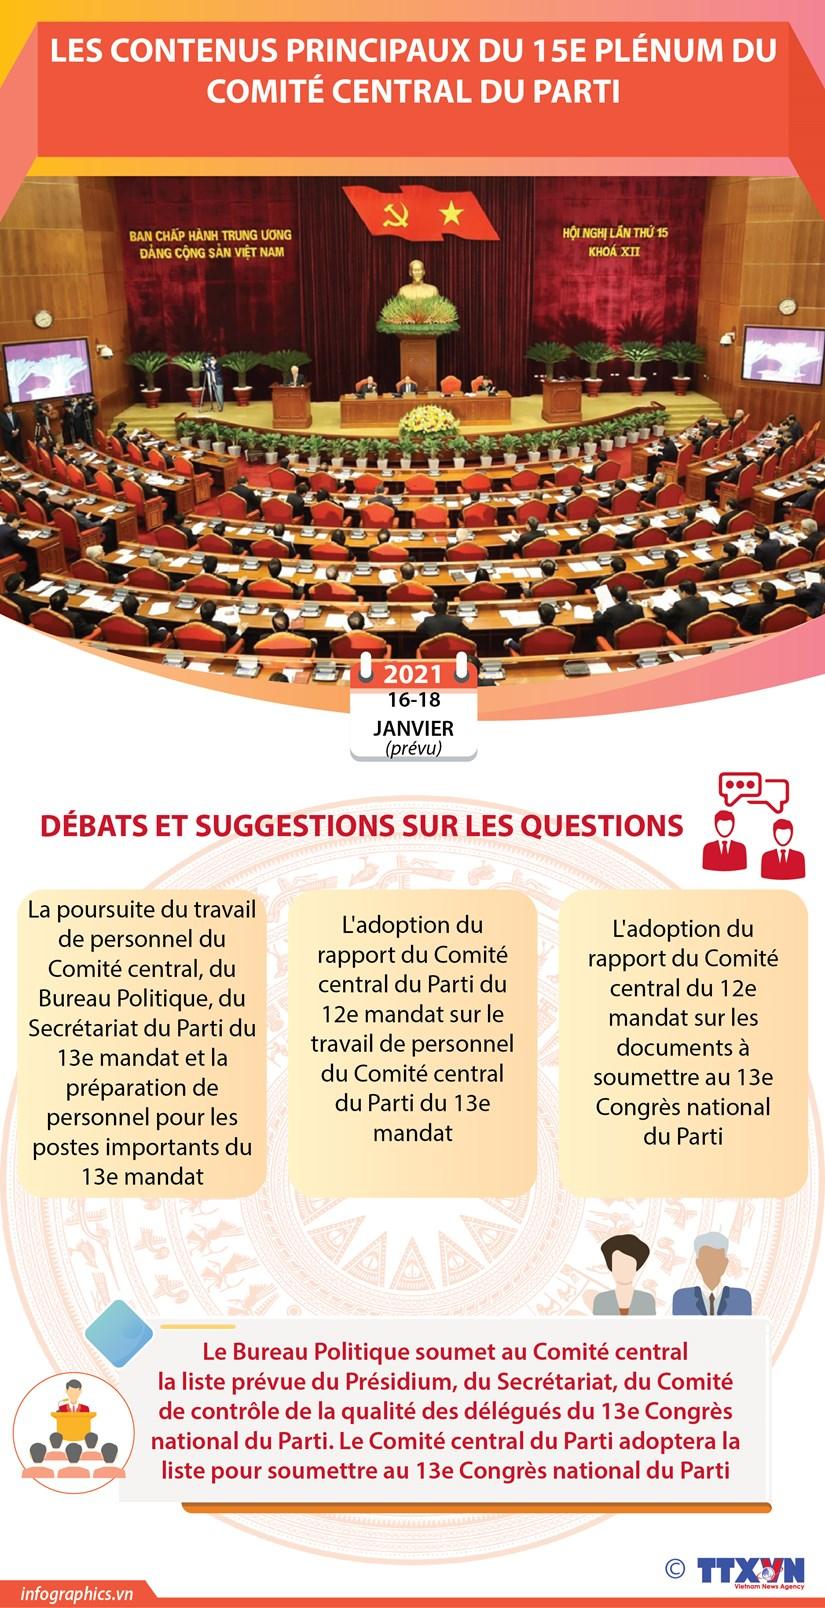 Les contenus principaux du 15e plenum du Comite central du Parti hinh anh 1